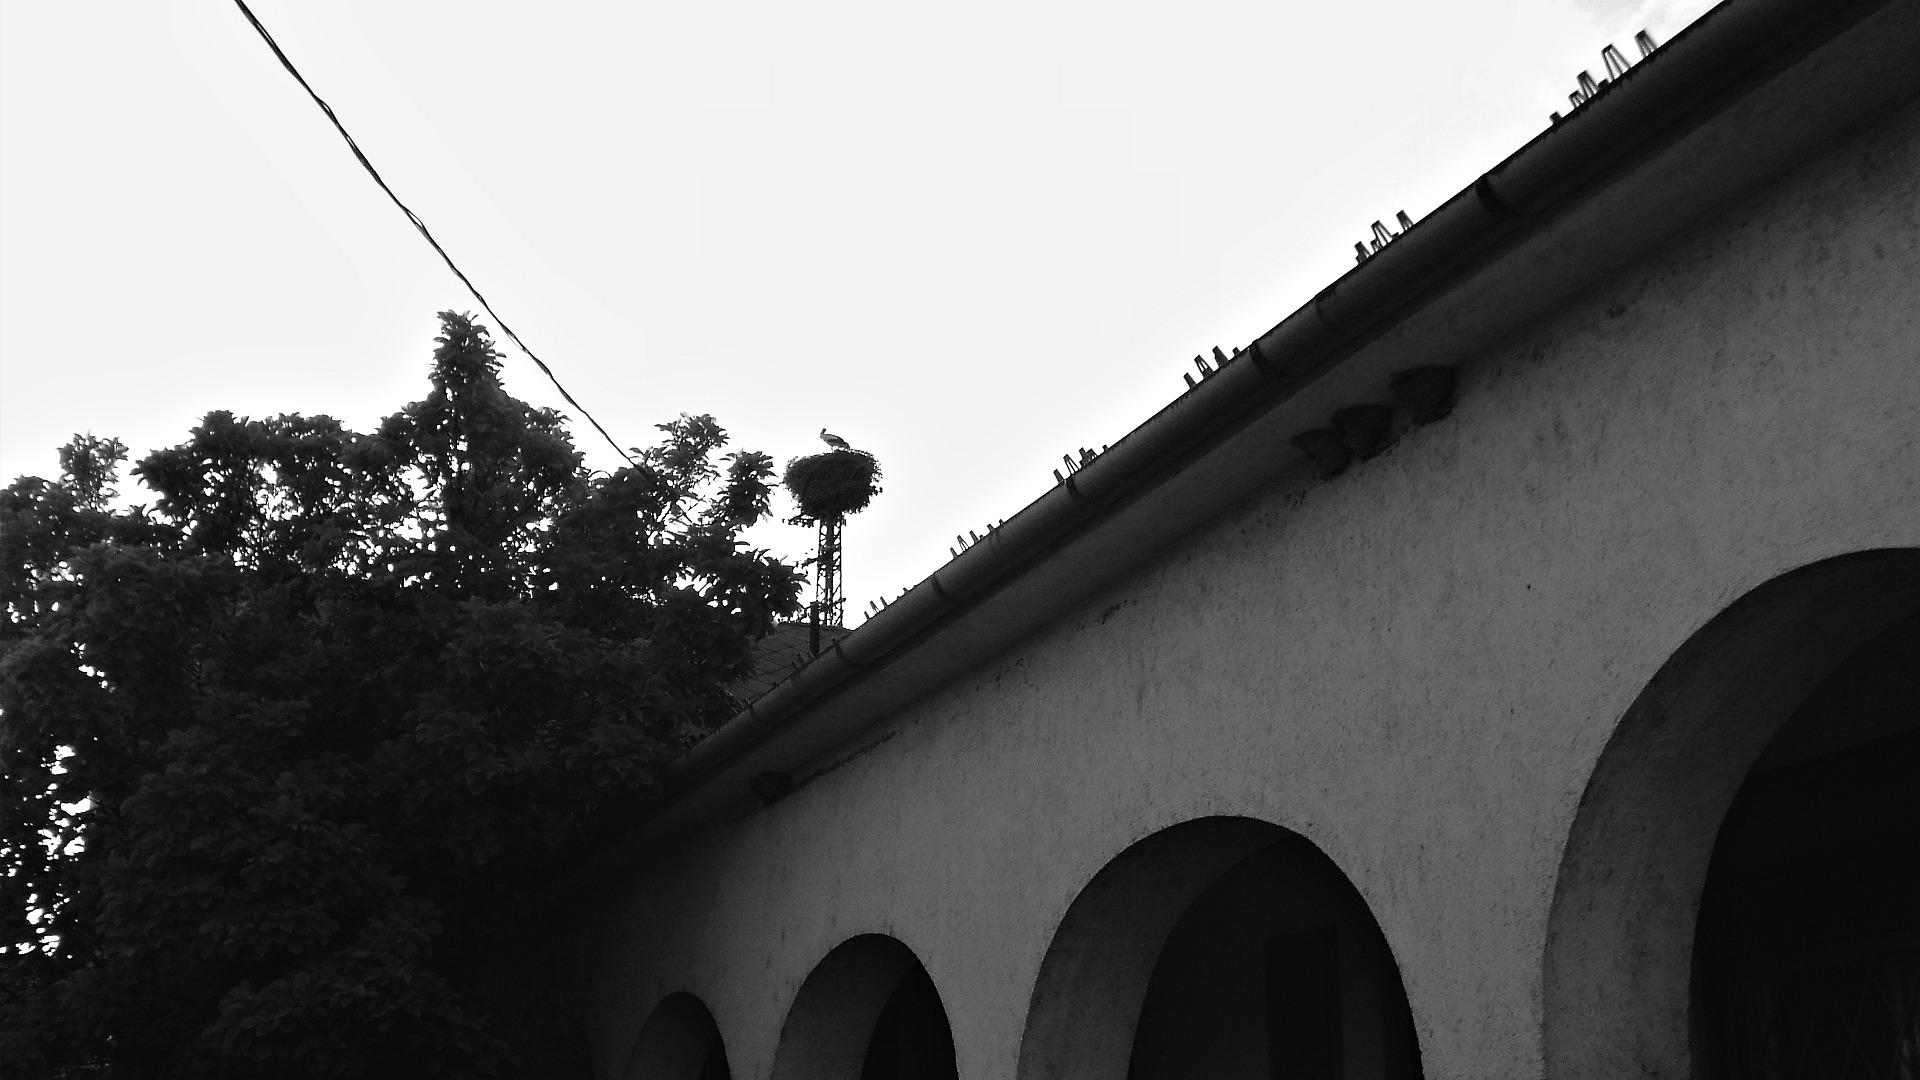 Fehér gólya a kismarosi római katolikus templom melletti fészken - Fotó: Kovács Gabriella